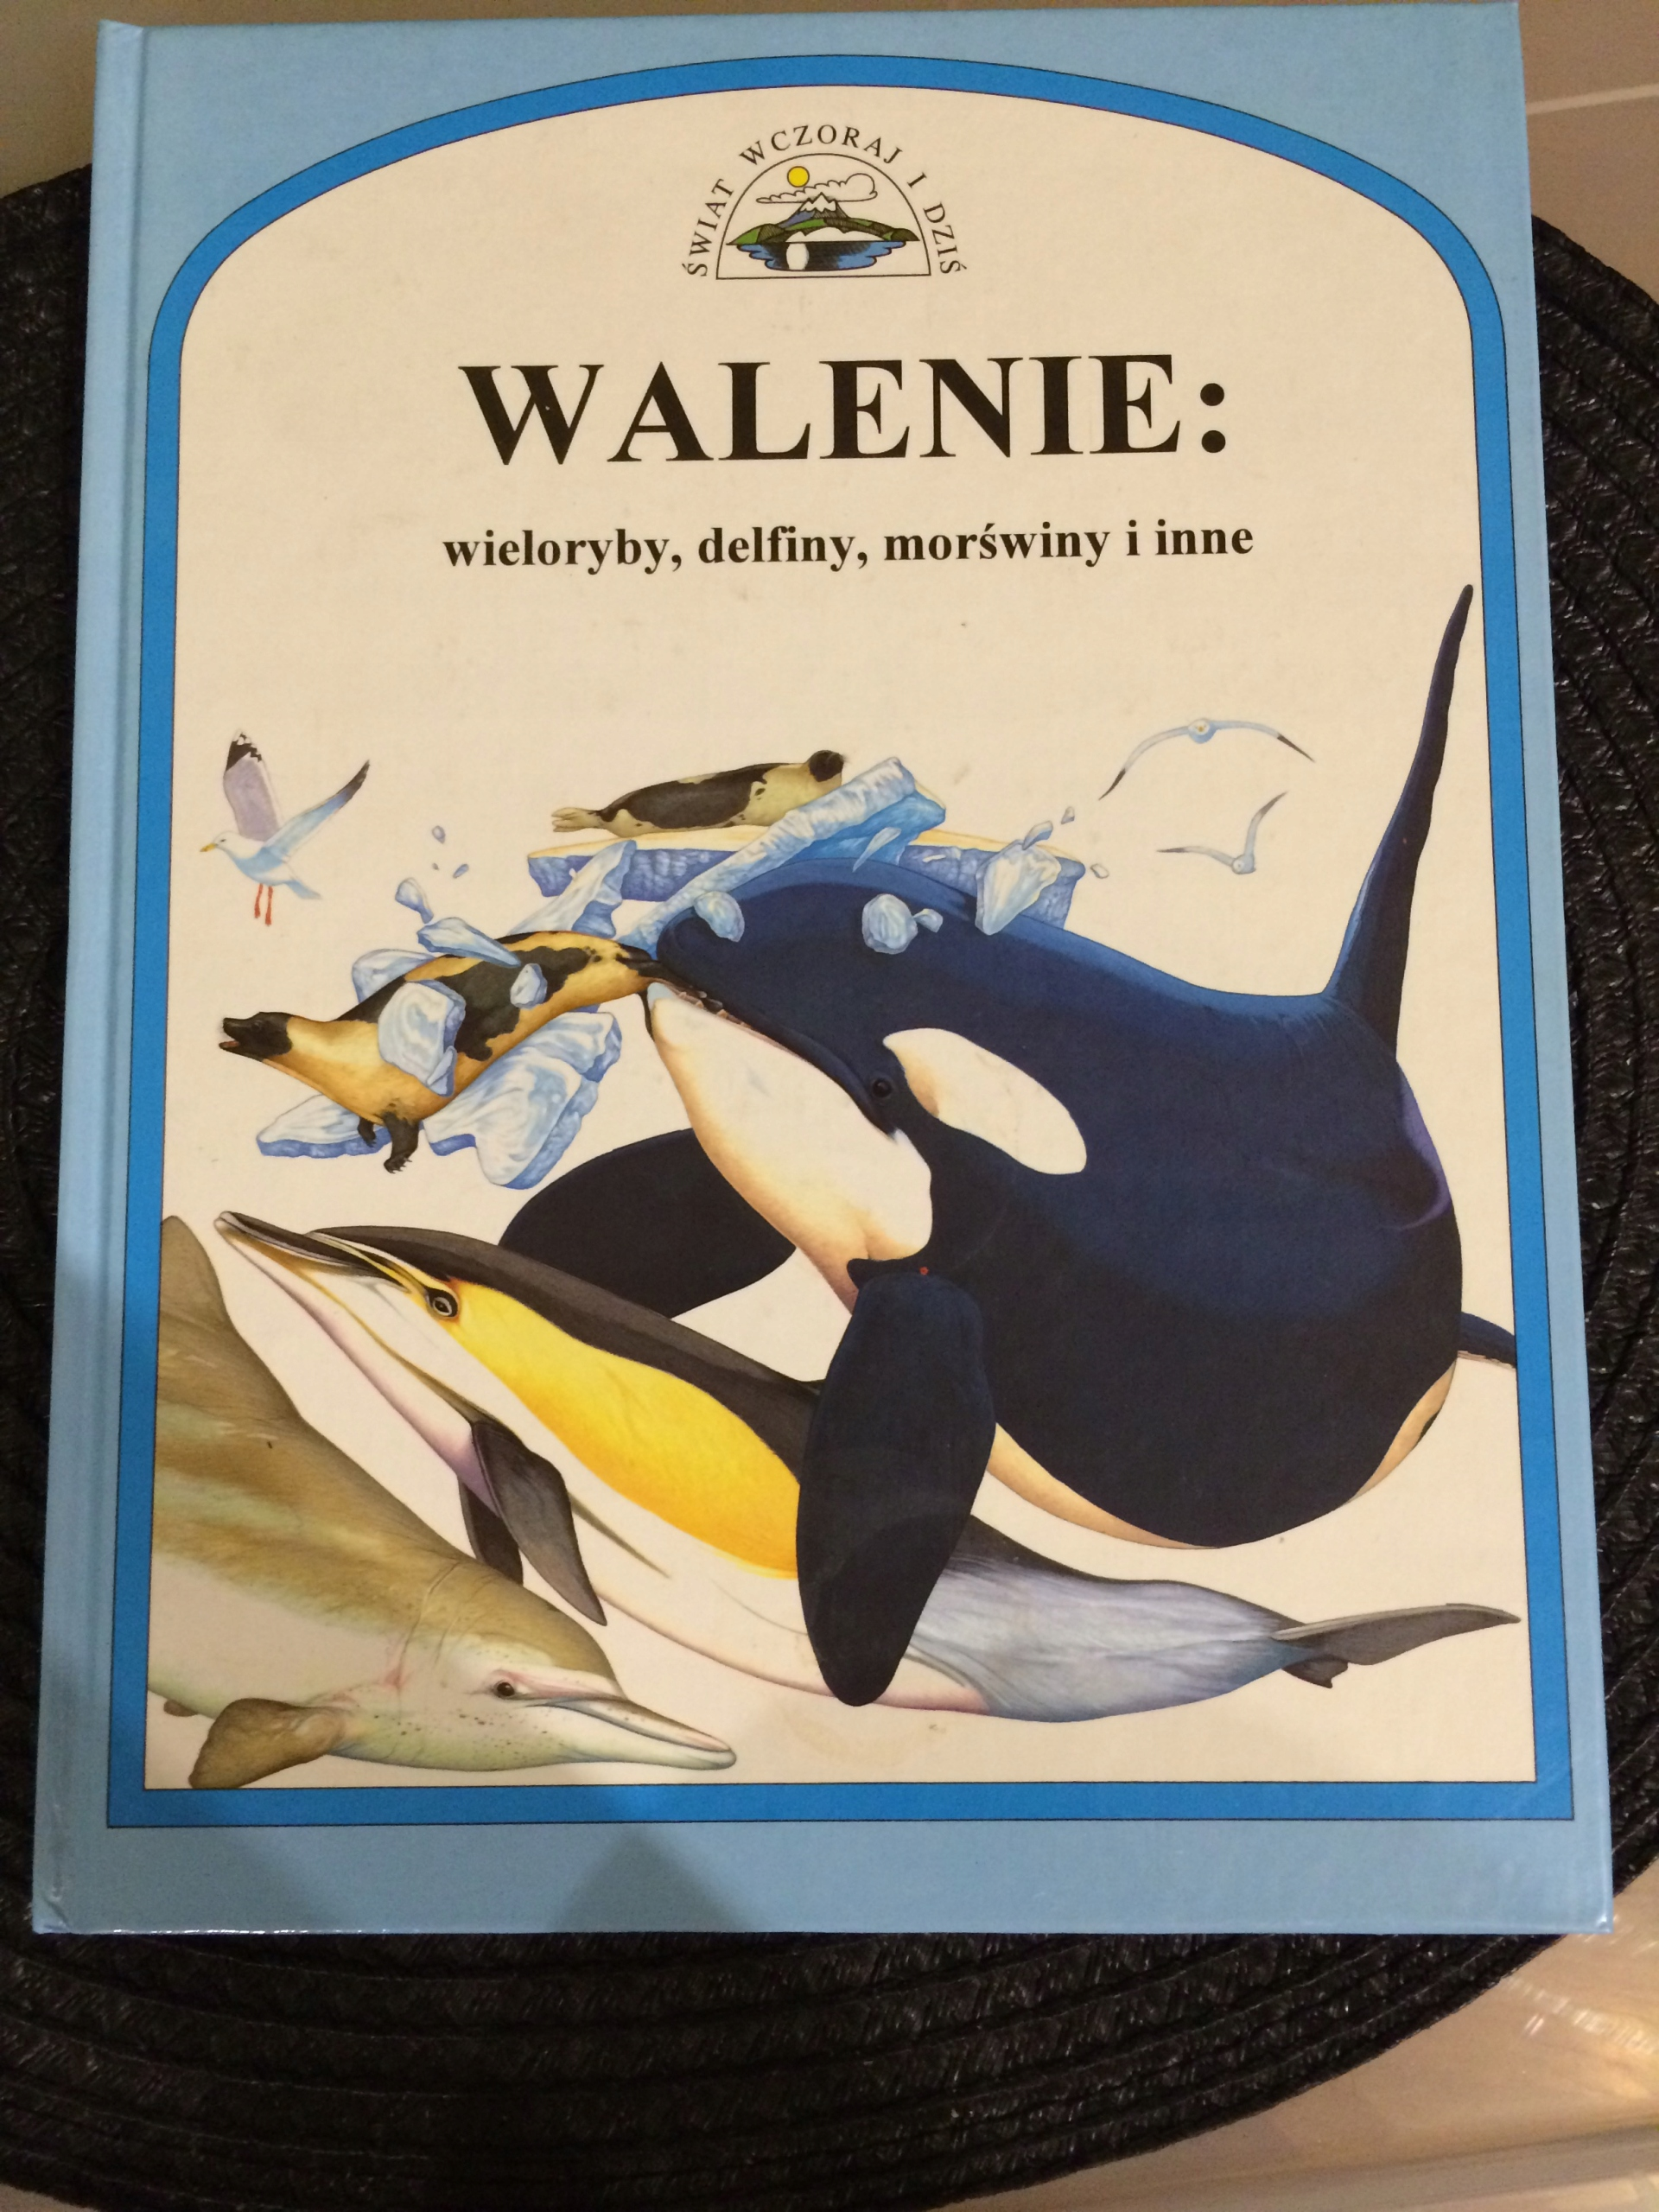 67bc74480a6e16 Walenie: wieloryby, delfiny, morświny i inne - 7536309363 ...